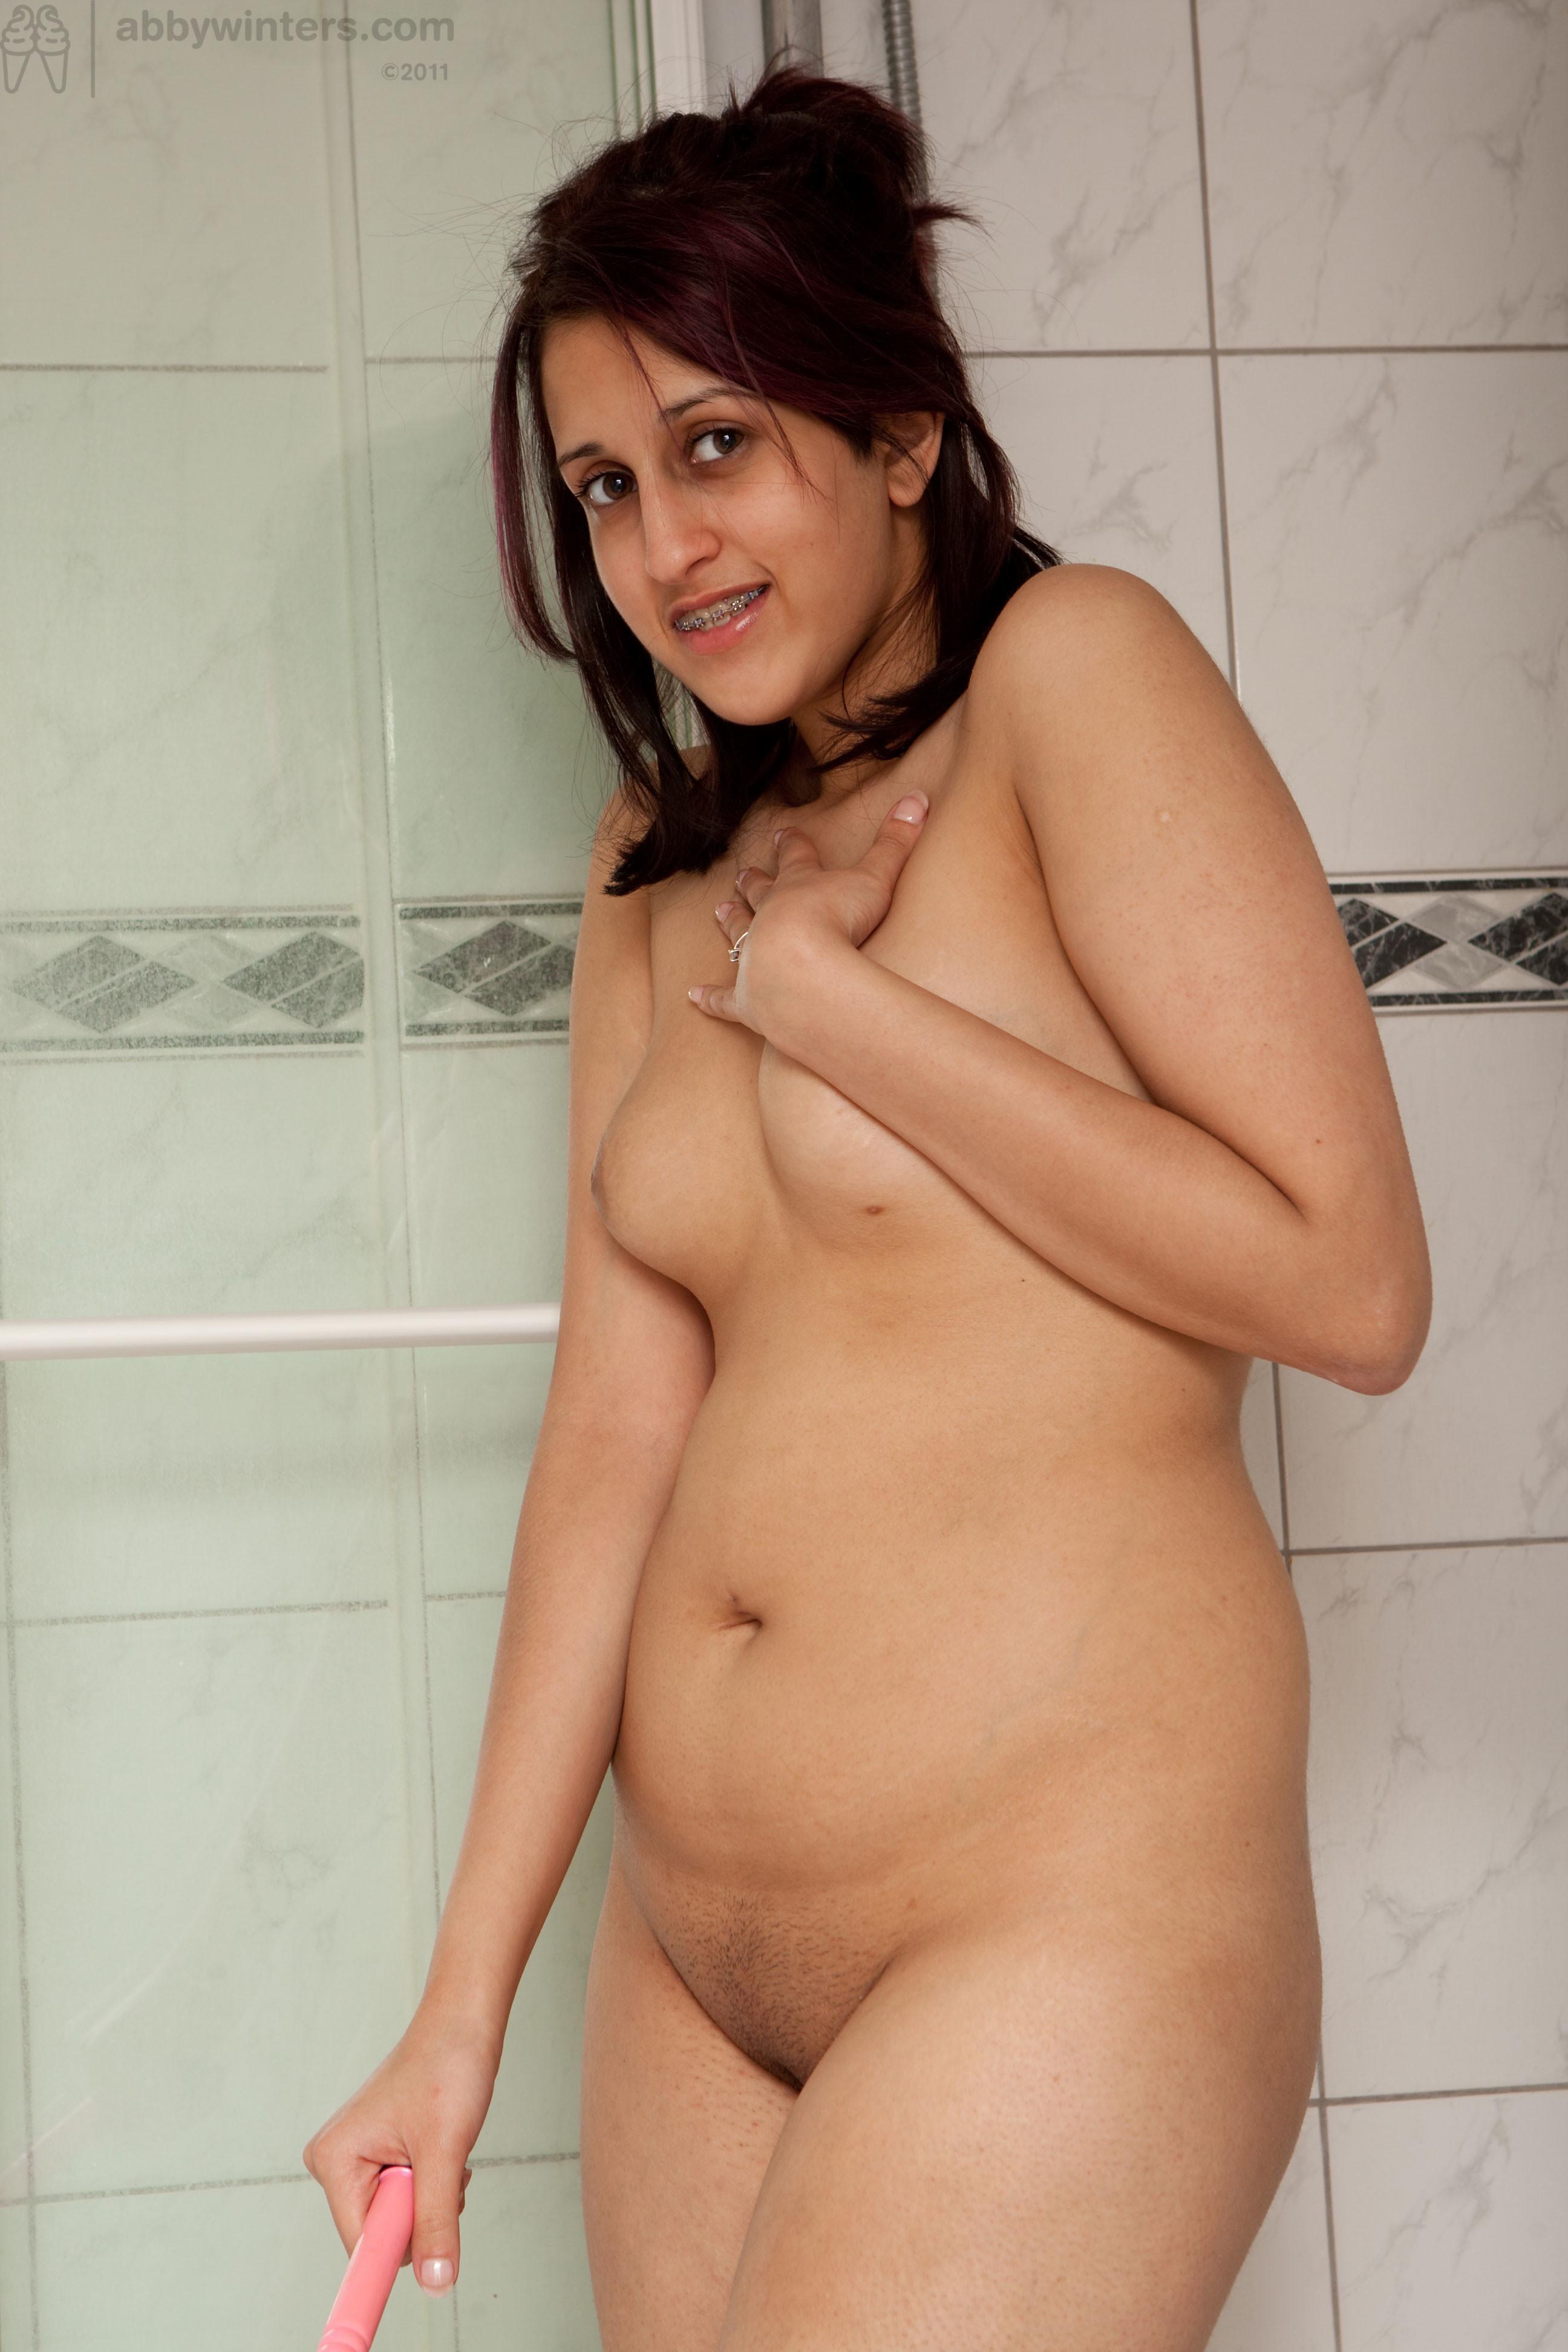 Зарина специально заперлась в ванной, чтобы поиграться там со своей киской с помощью вибратора